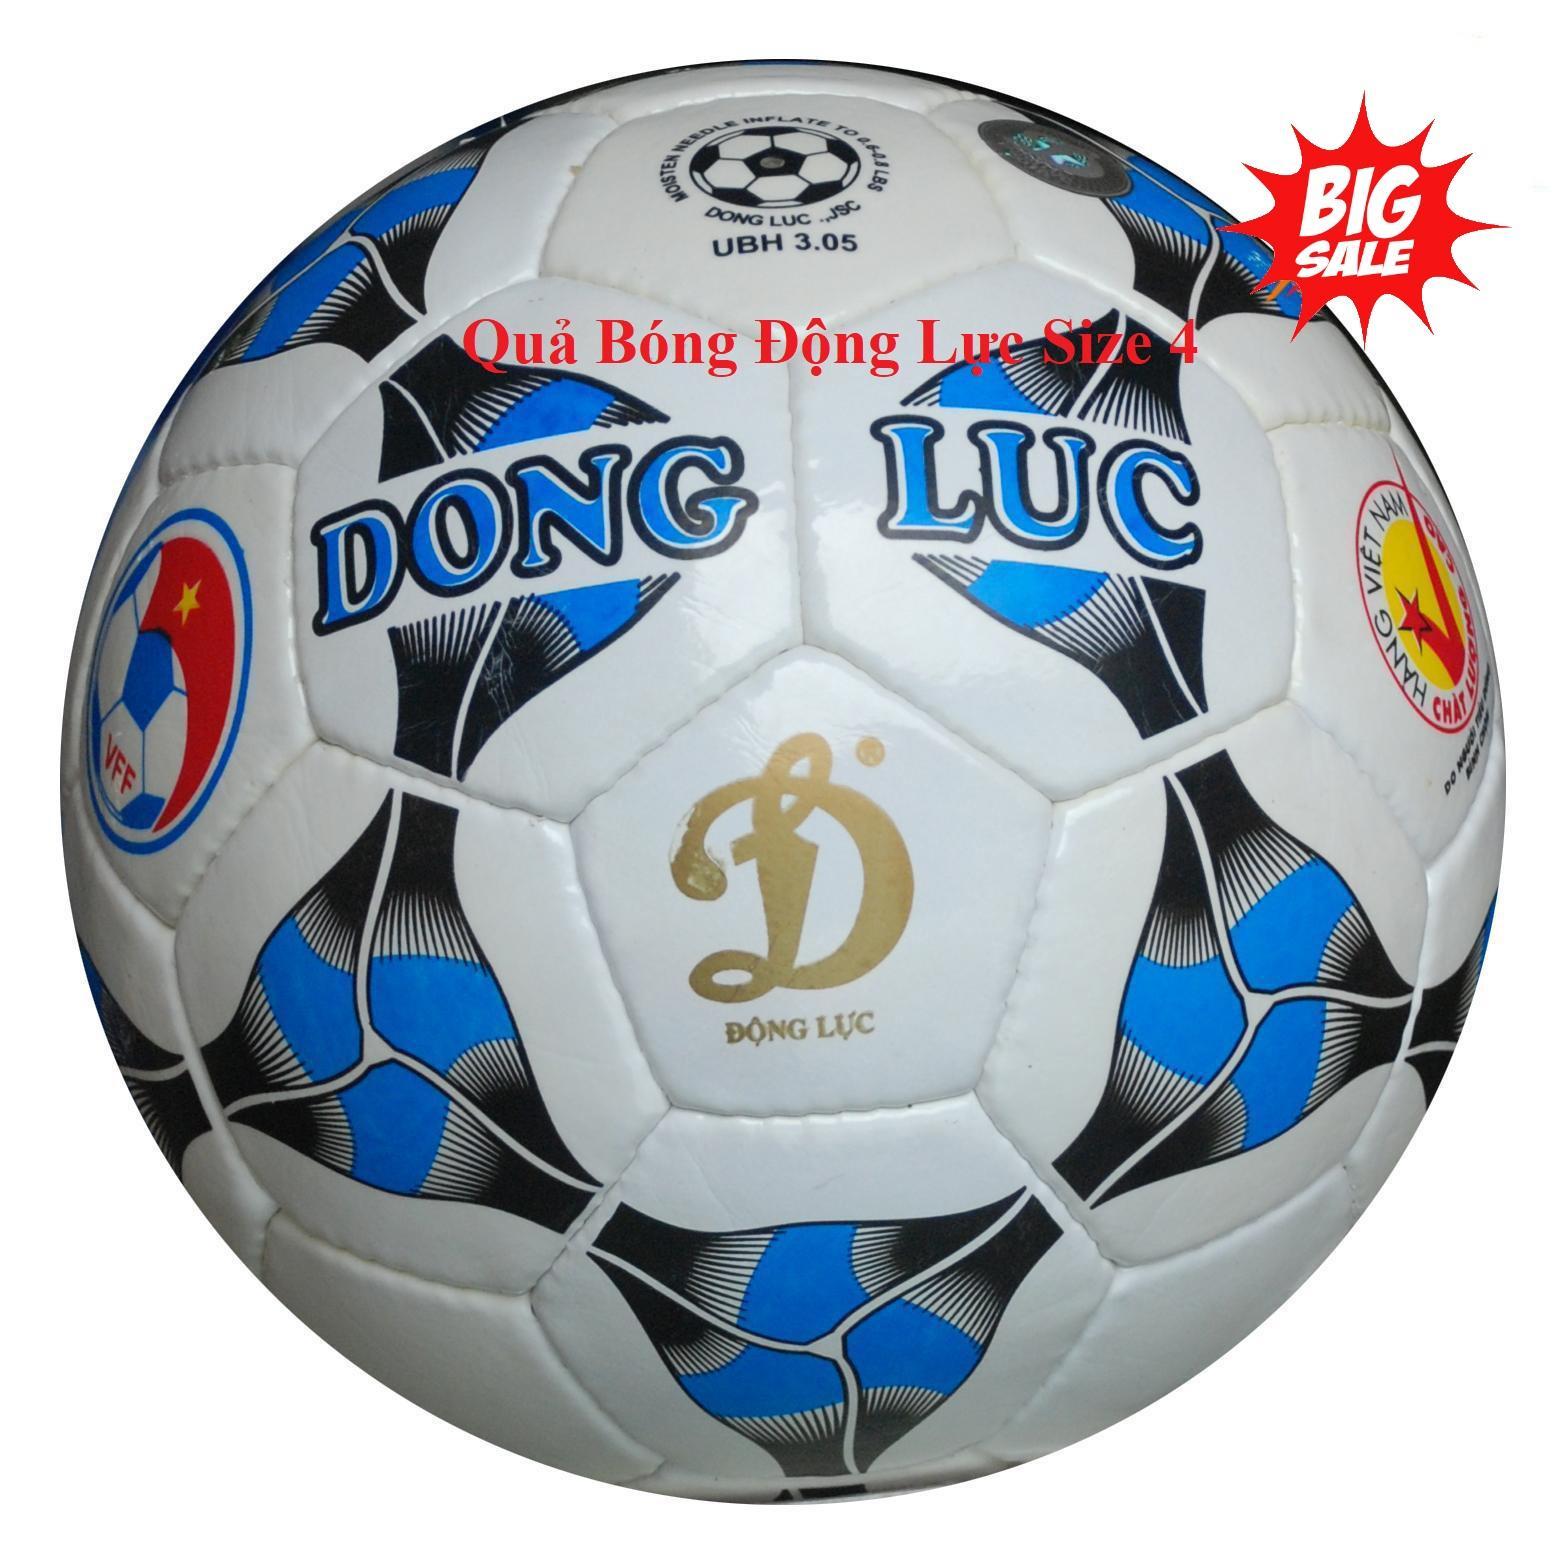 Banh dong luc so 4 - Quả bóng đá động lực UCV cao cấp đường may sắc nét, dai bền, đá êm chân, độ nảy ổn định và thi đấu được trên mọi mặt sân, bảo hành uy tín 1 đổi 1 bởi KINGSTORE